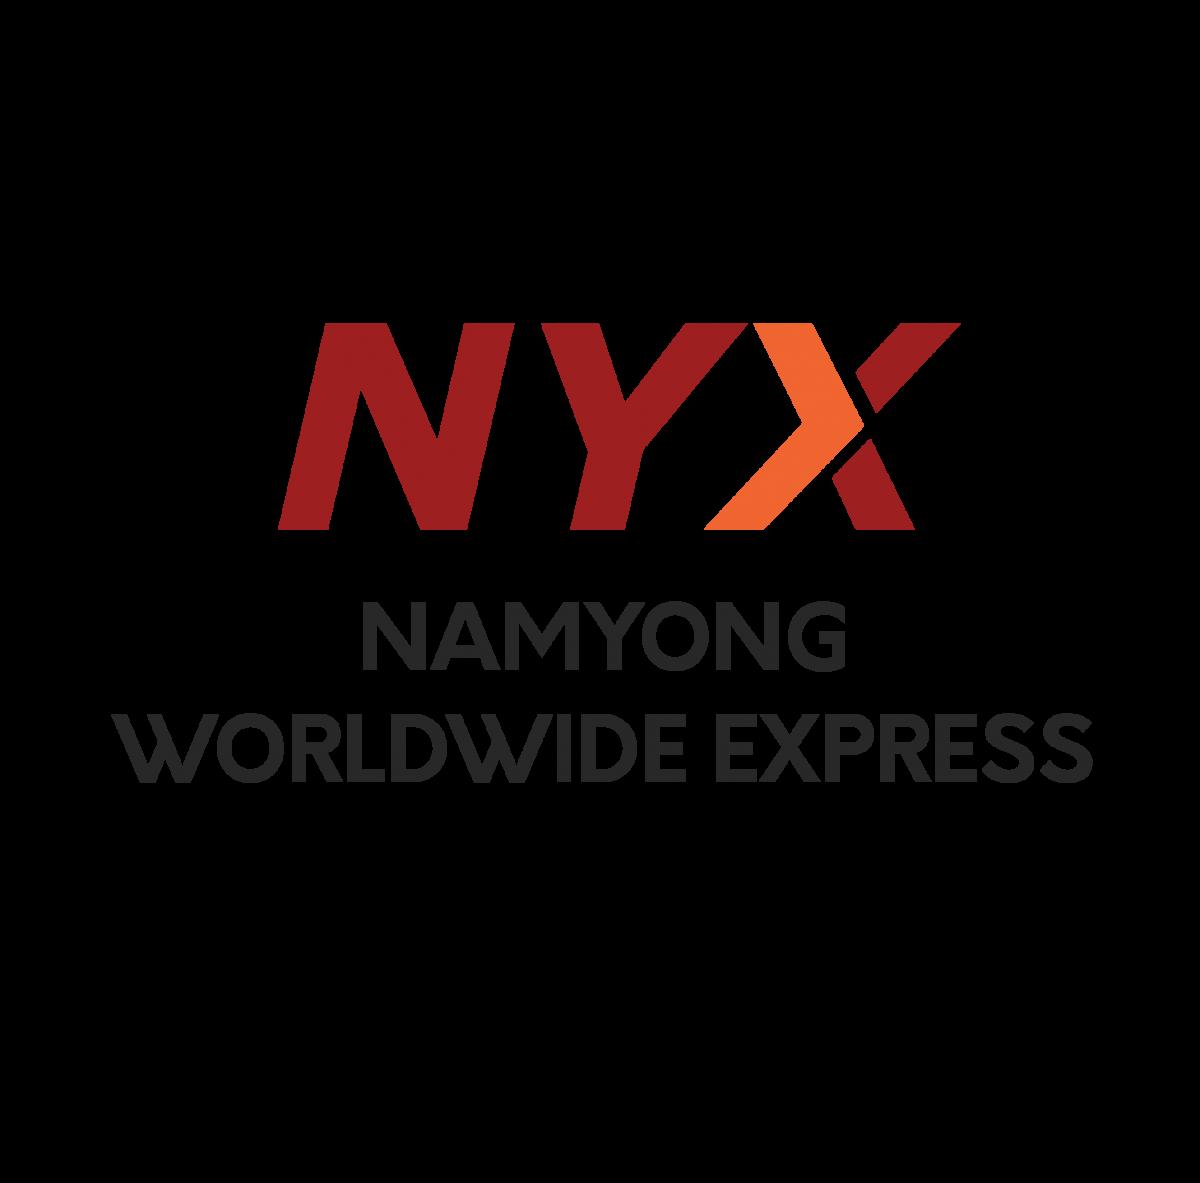 Namyong-Worldwide-Express-1200x1183.png